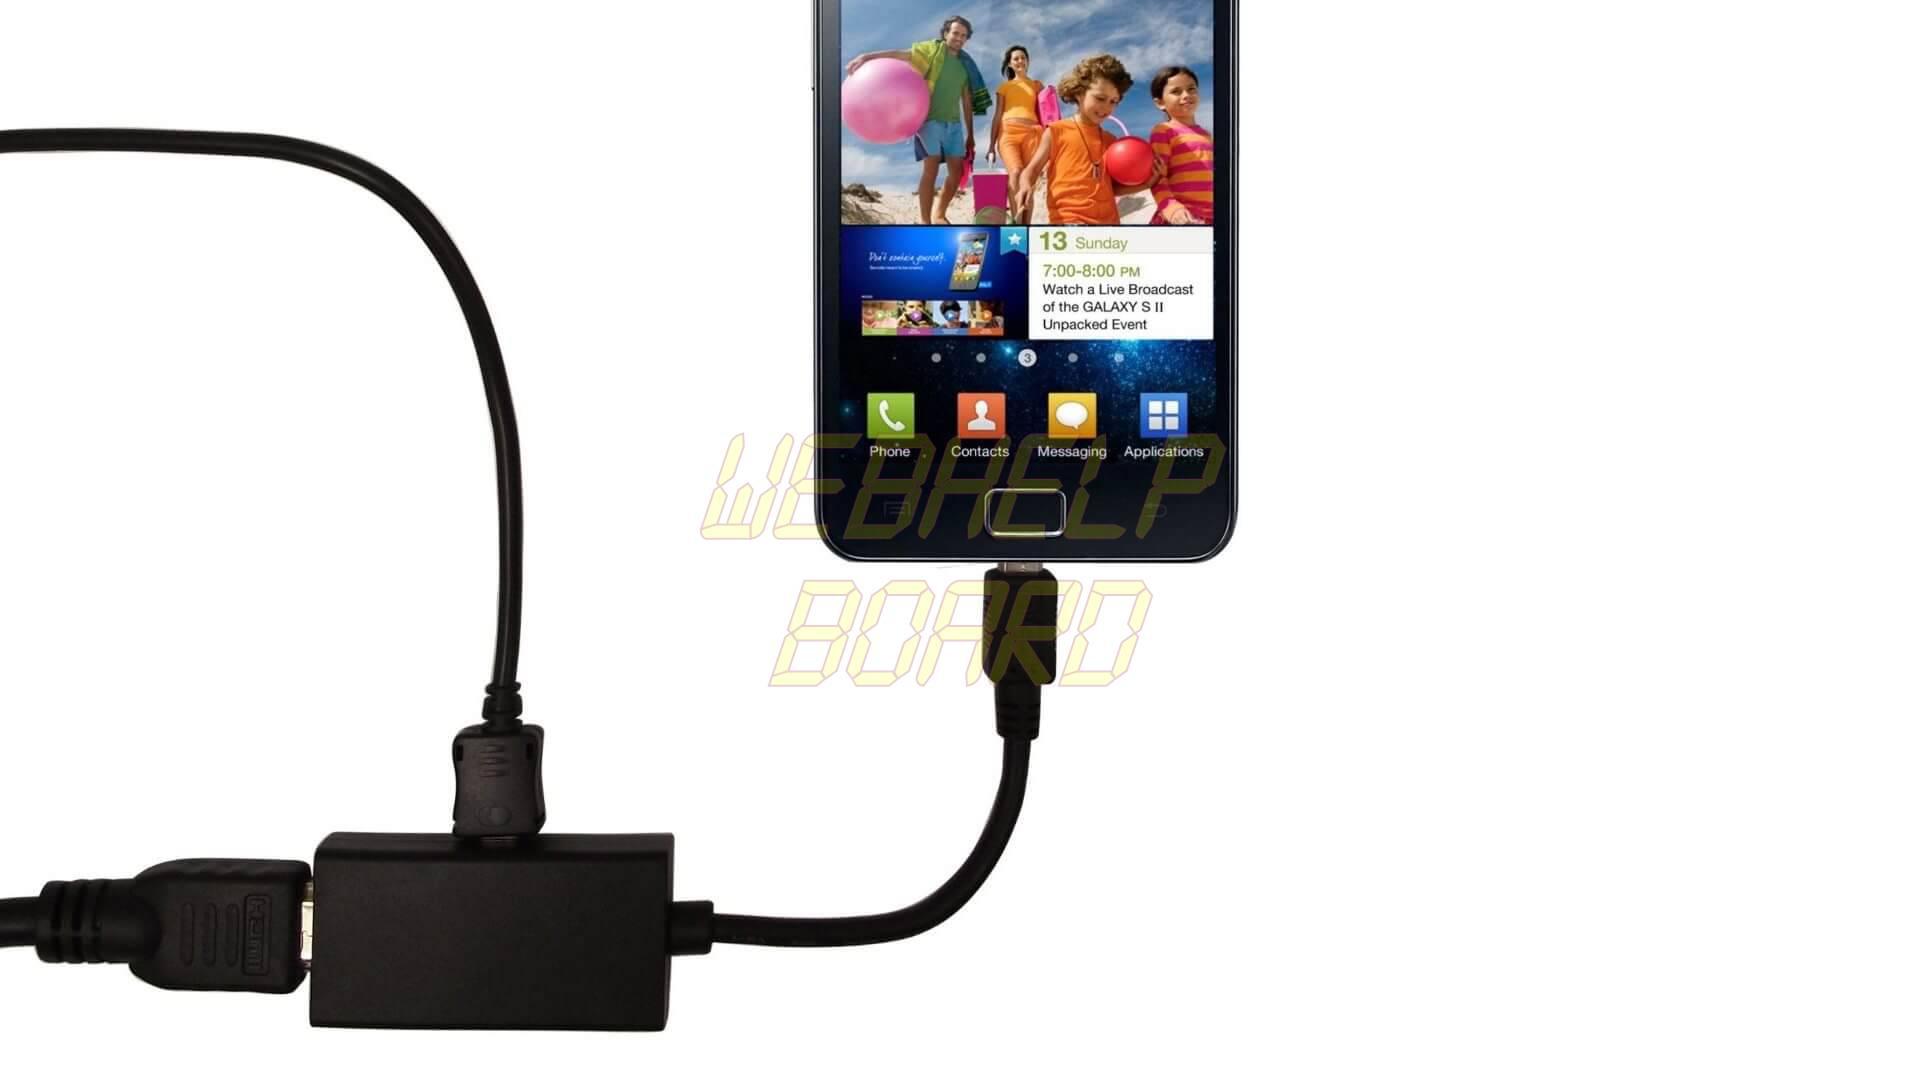 71bvyshak3l. sl1500  - Como transmitir a tela do celular para a TV